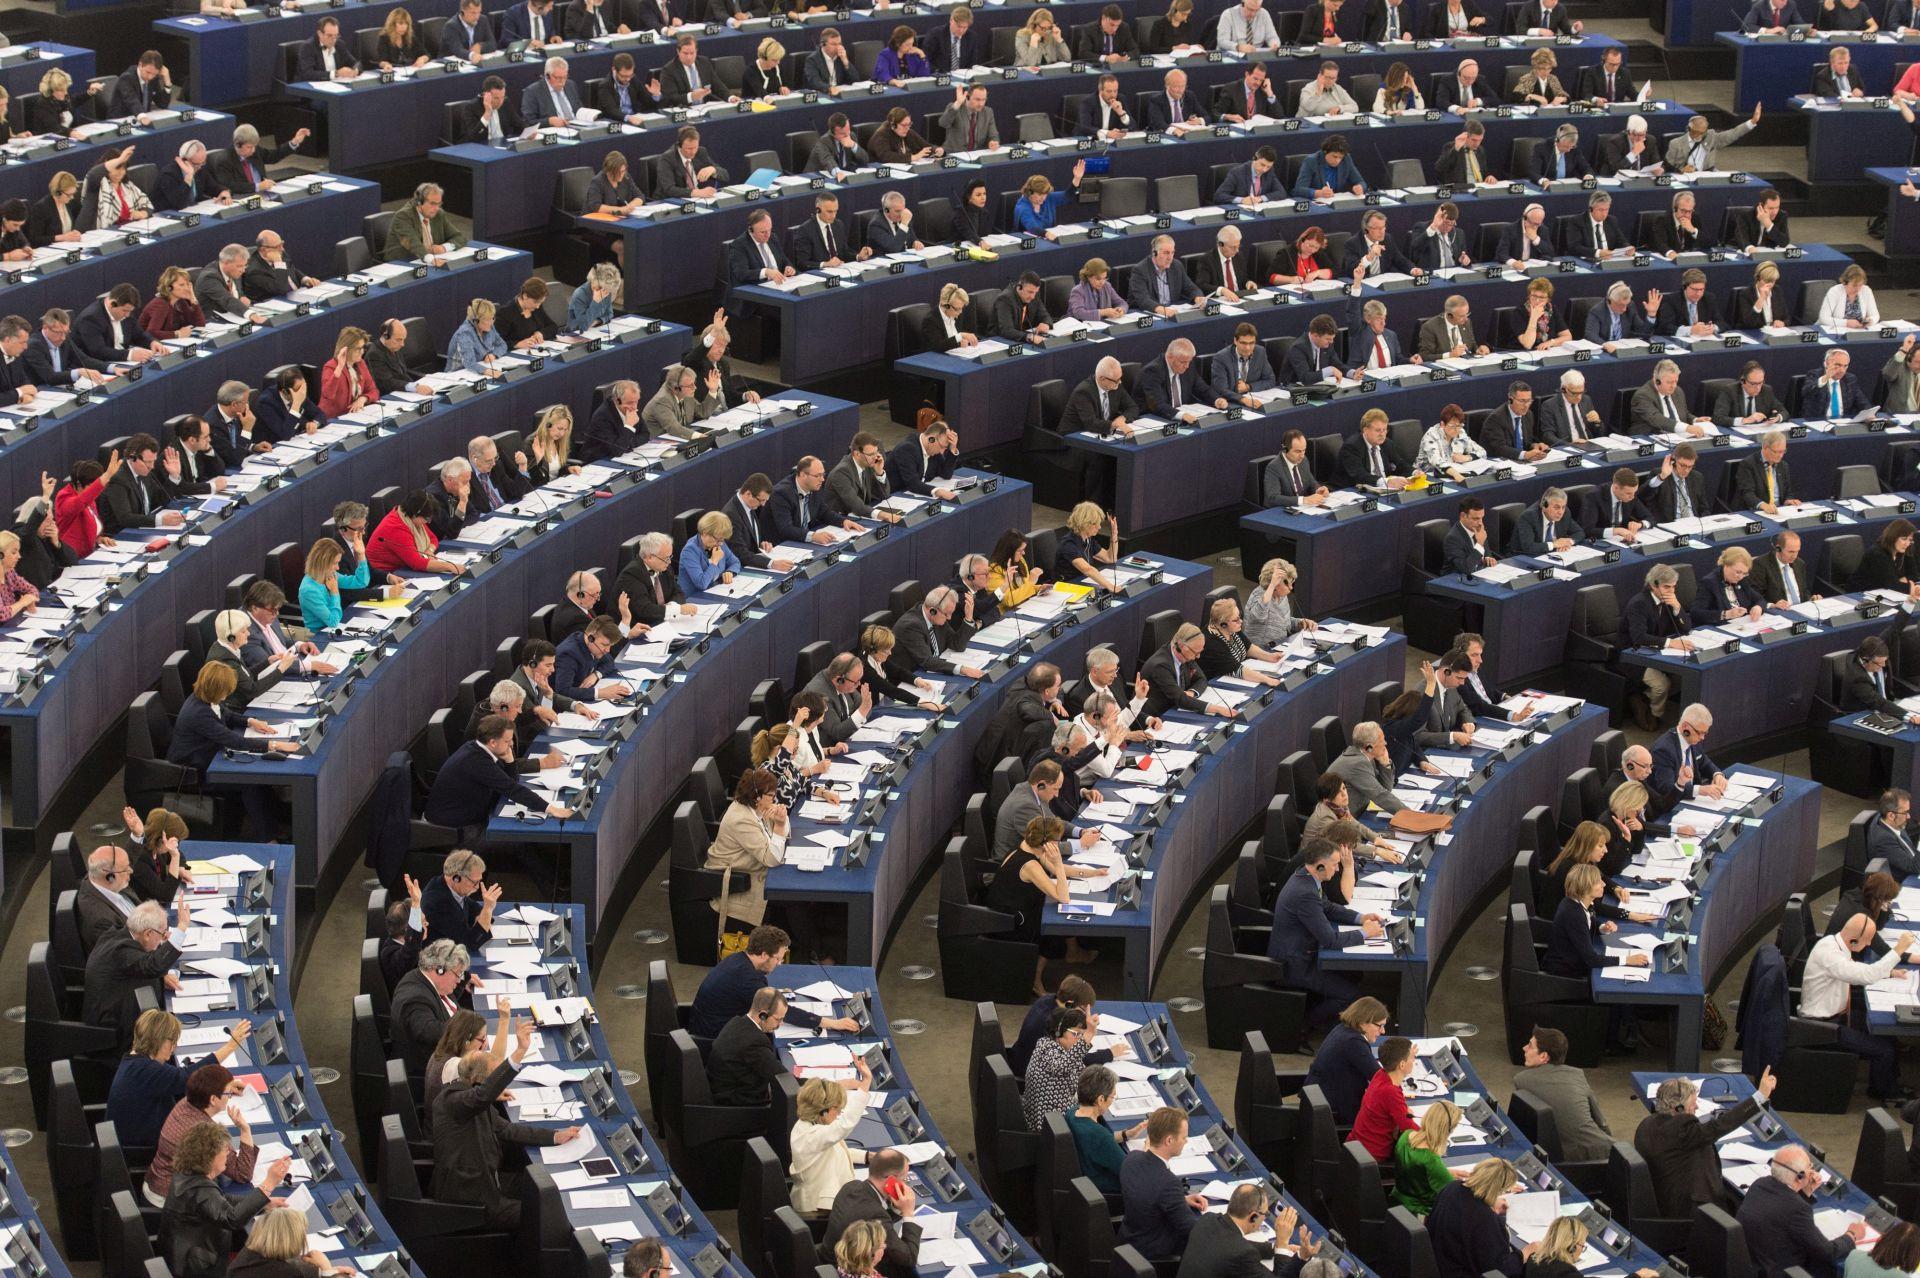 ODGOĐENE ODLUKE O VIZAMA: Europska komisija traži mišljenje Vijeća i Parlamenta